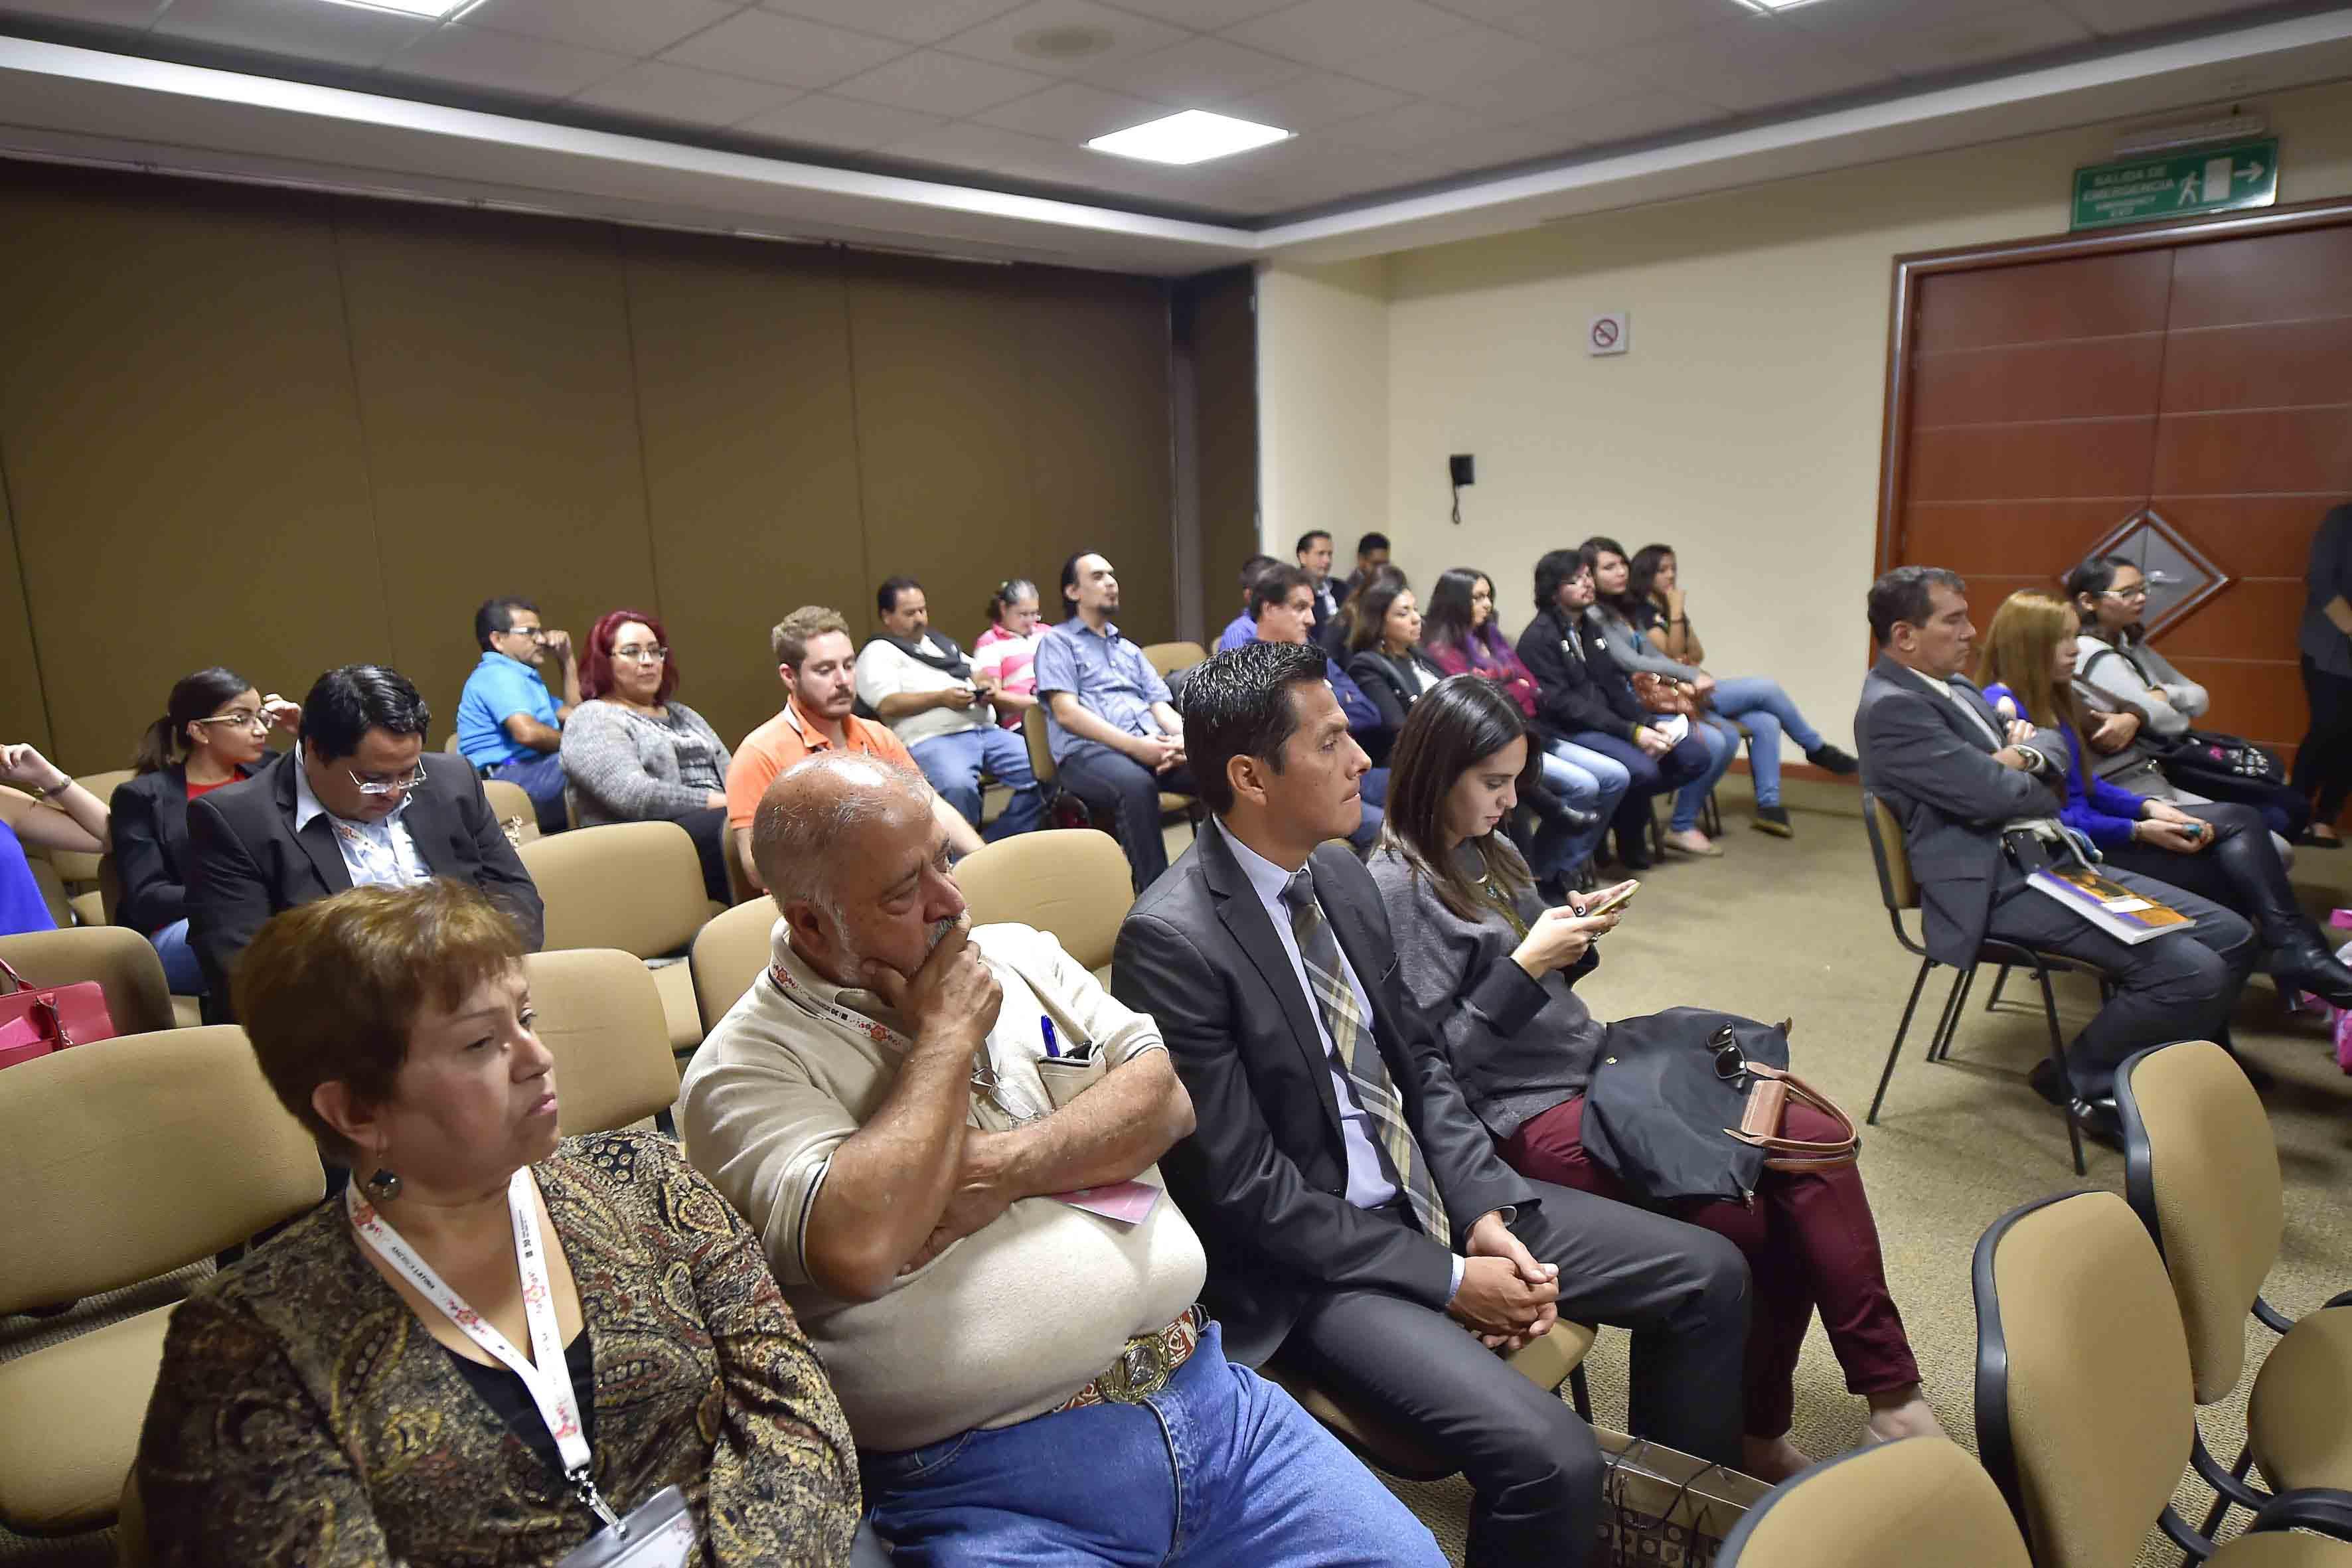 Vista panorámica del público asistente a la presentación del libro, durante la FIL.